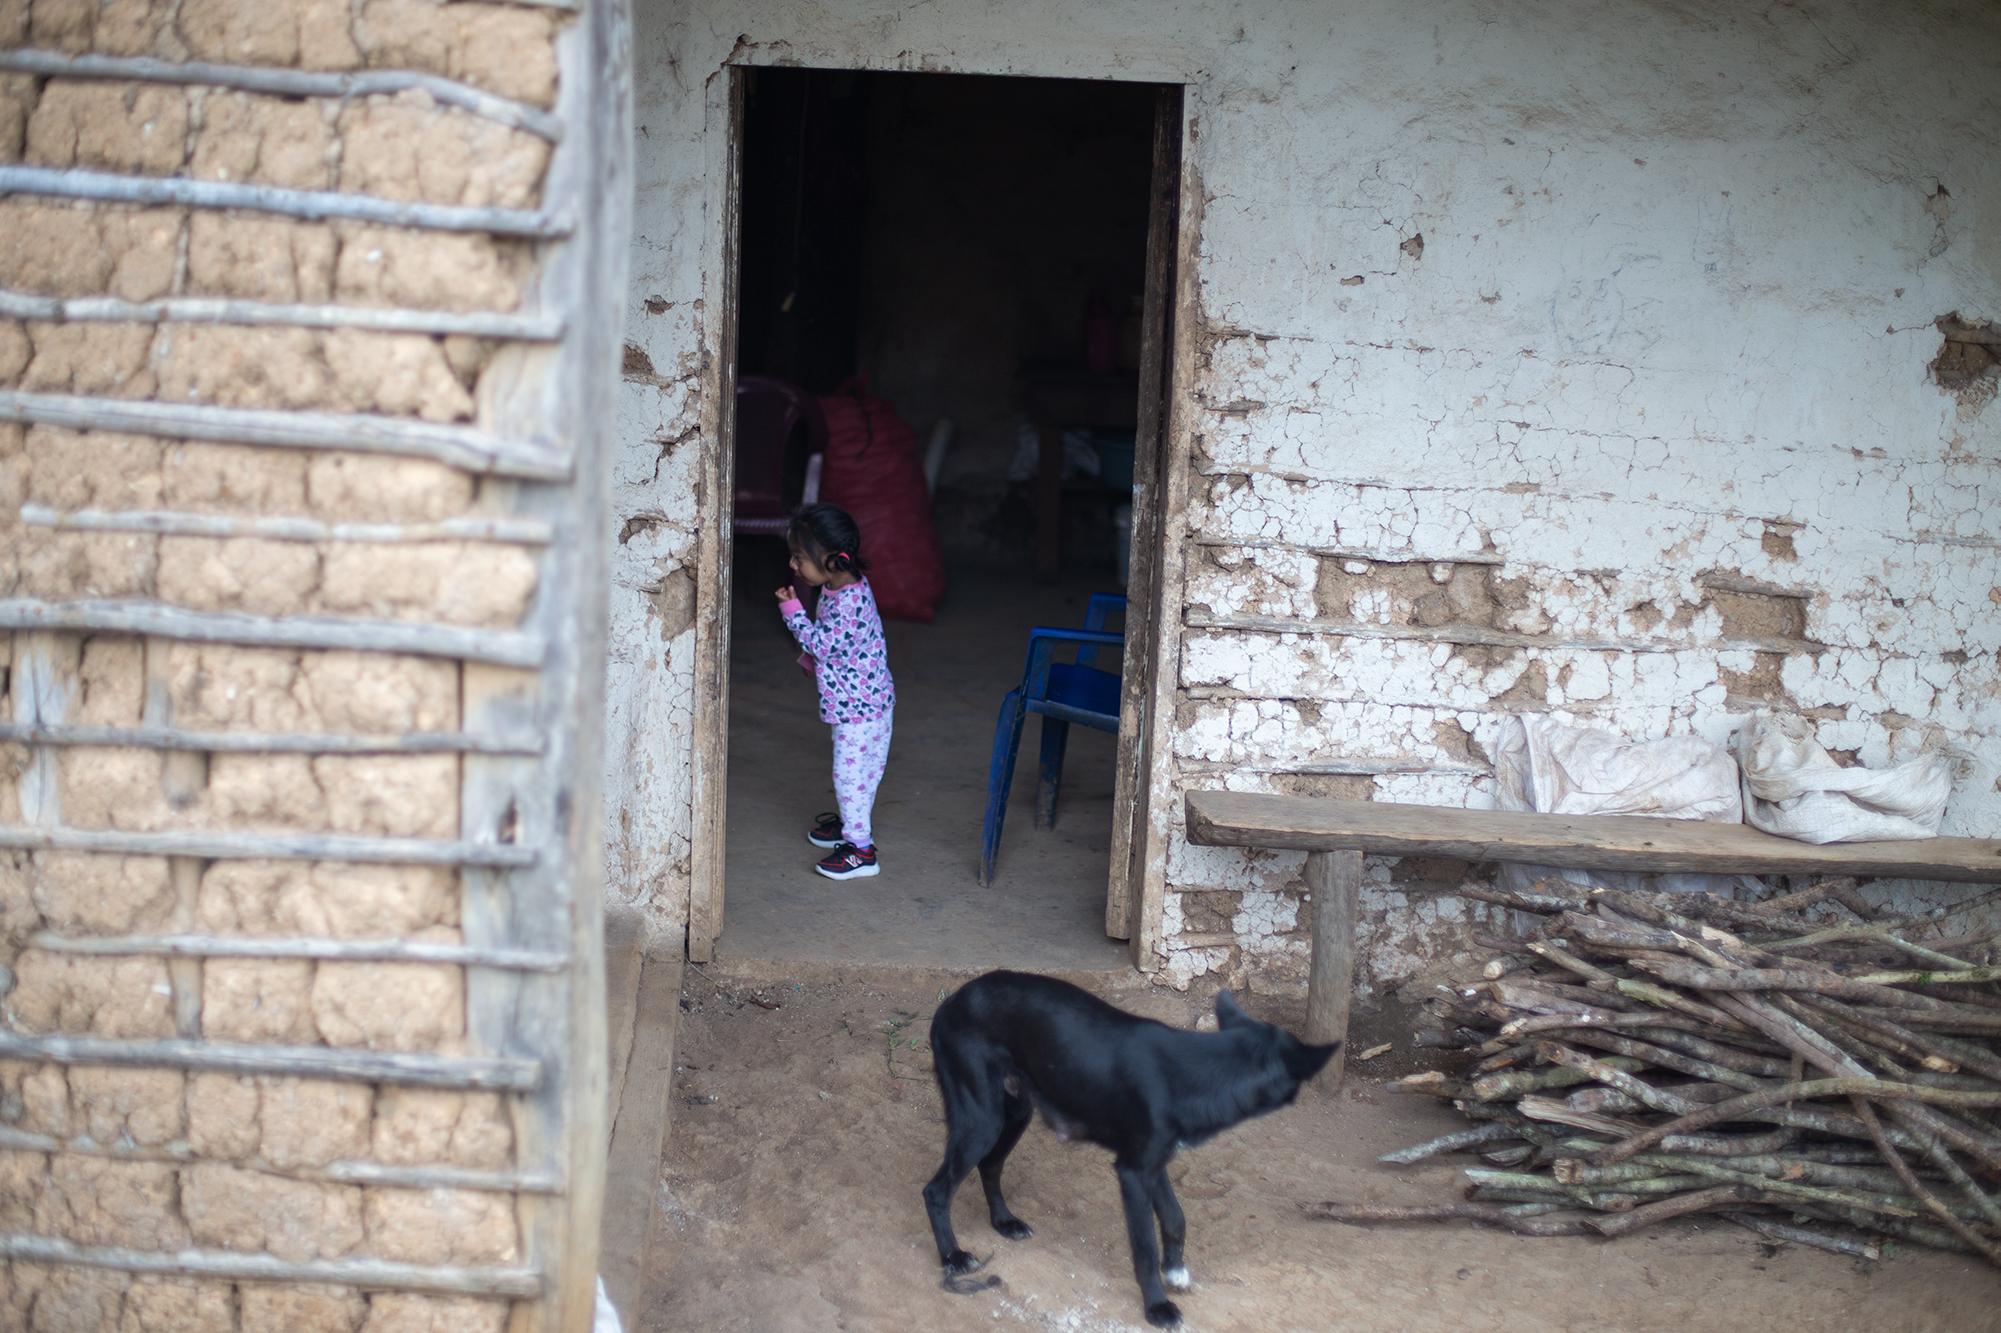 Cristel, hija de Mirian y nieta de María, nació con una discapacidad que le dificulta aprender a caminar, para poder recibir asistencia médica su madre debe cargarla y caminar con ella en brazos dos horas de ida y dos horas de regreso a casa, un viaje que madre e hija realizan dos veces por semana. Chinacla, La Paz, 20 de octubre de 2020. Foto: Martín Cálix.